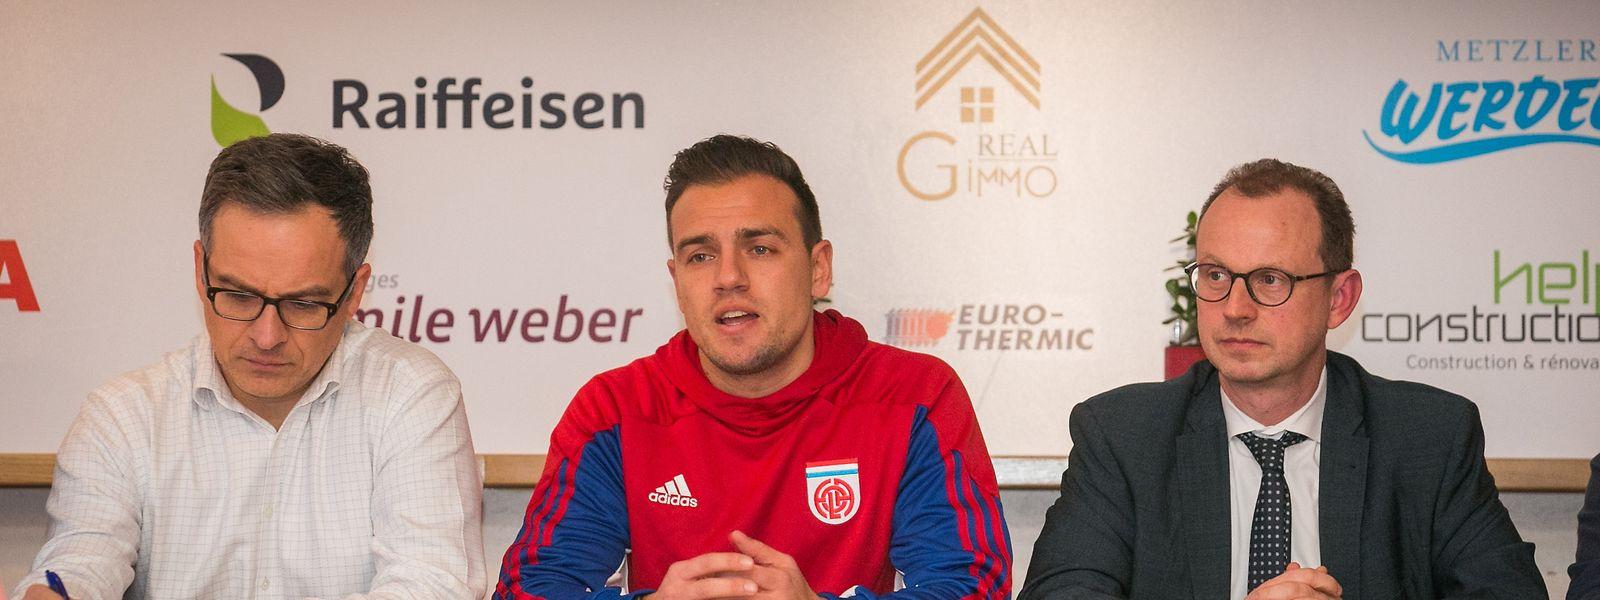 Der neue Trainer Thomas Klasen (M.) stellt sich den Fragen der Presse.